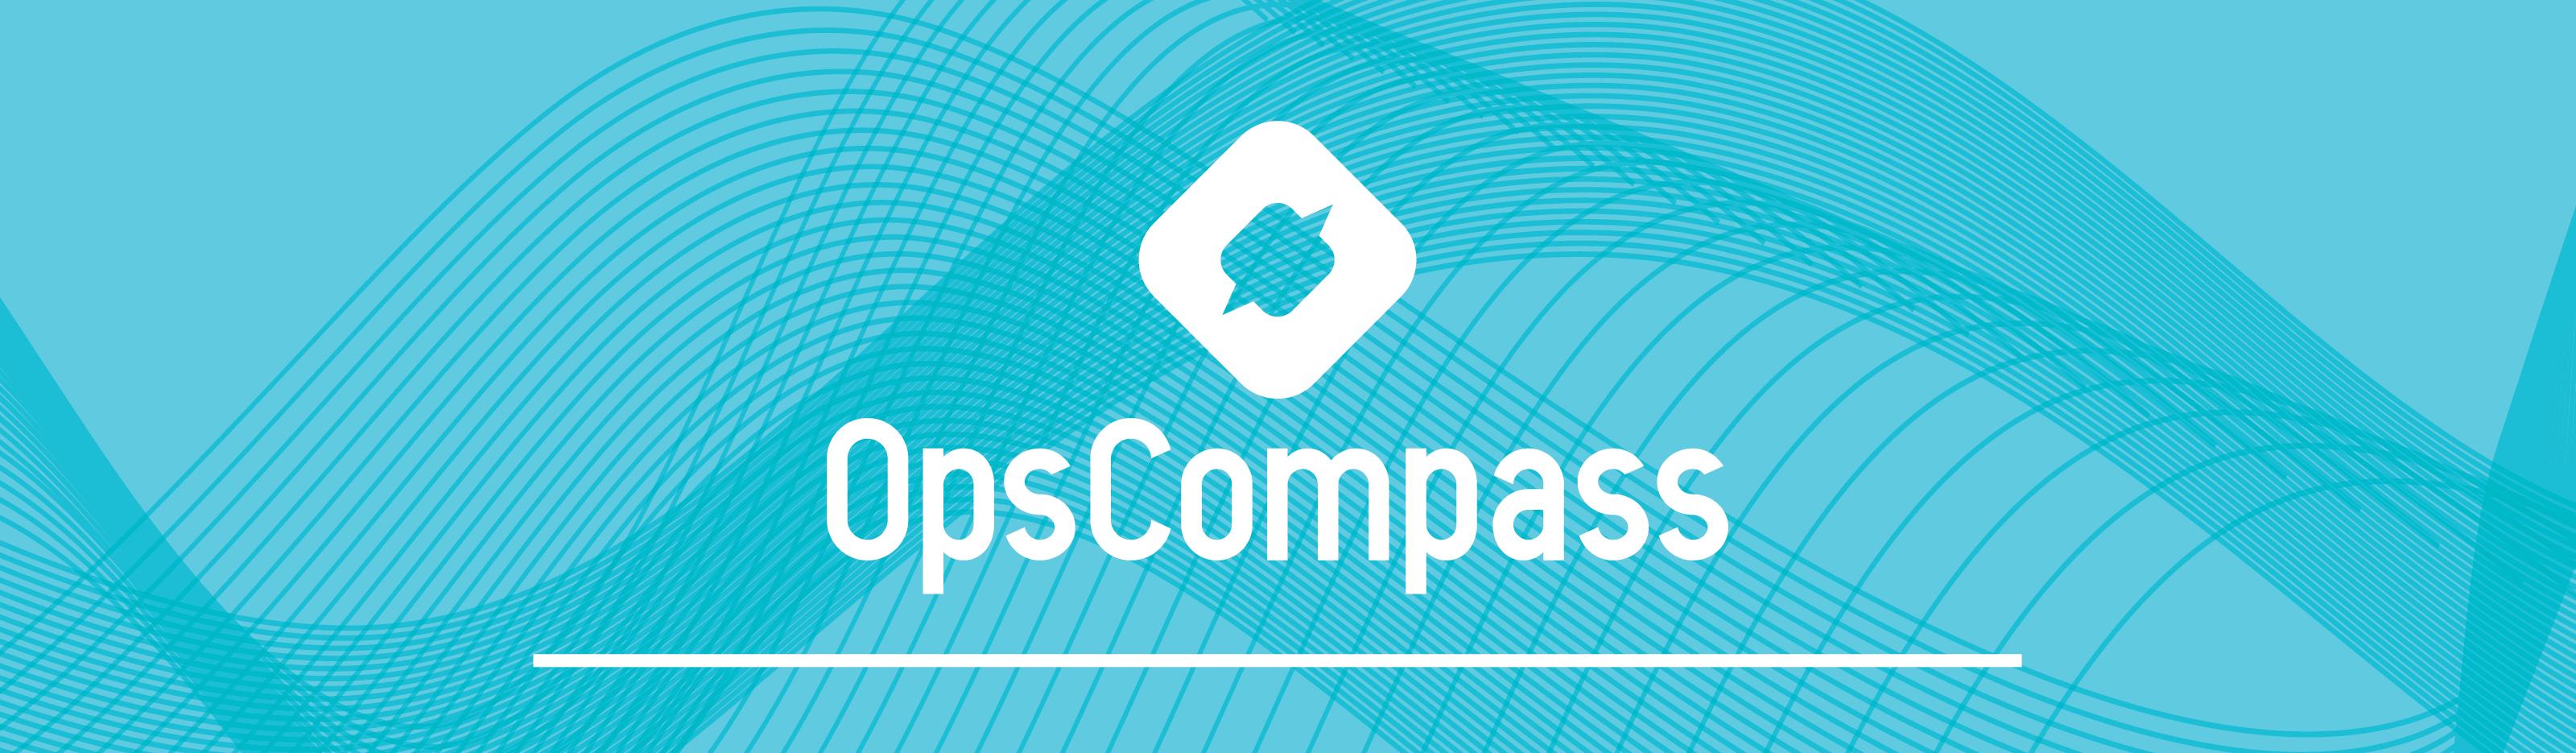 OpsCompass Blog